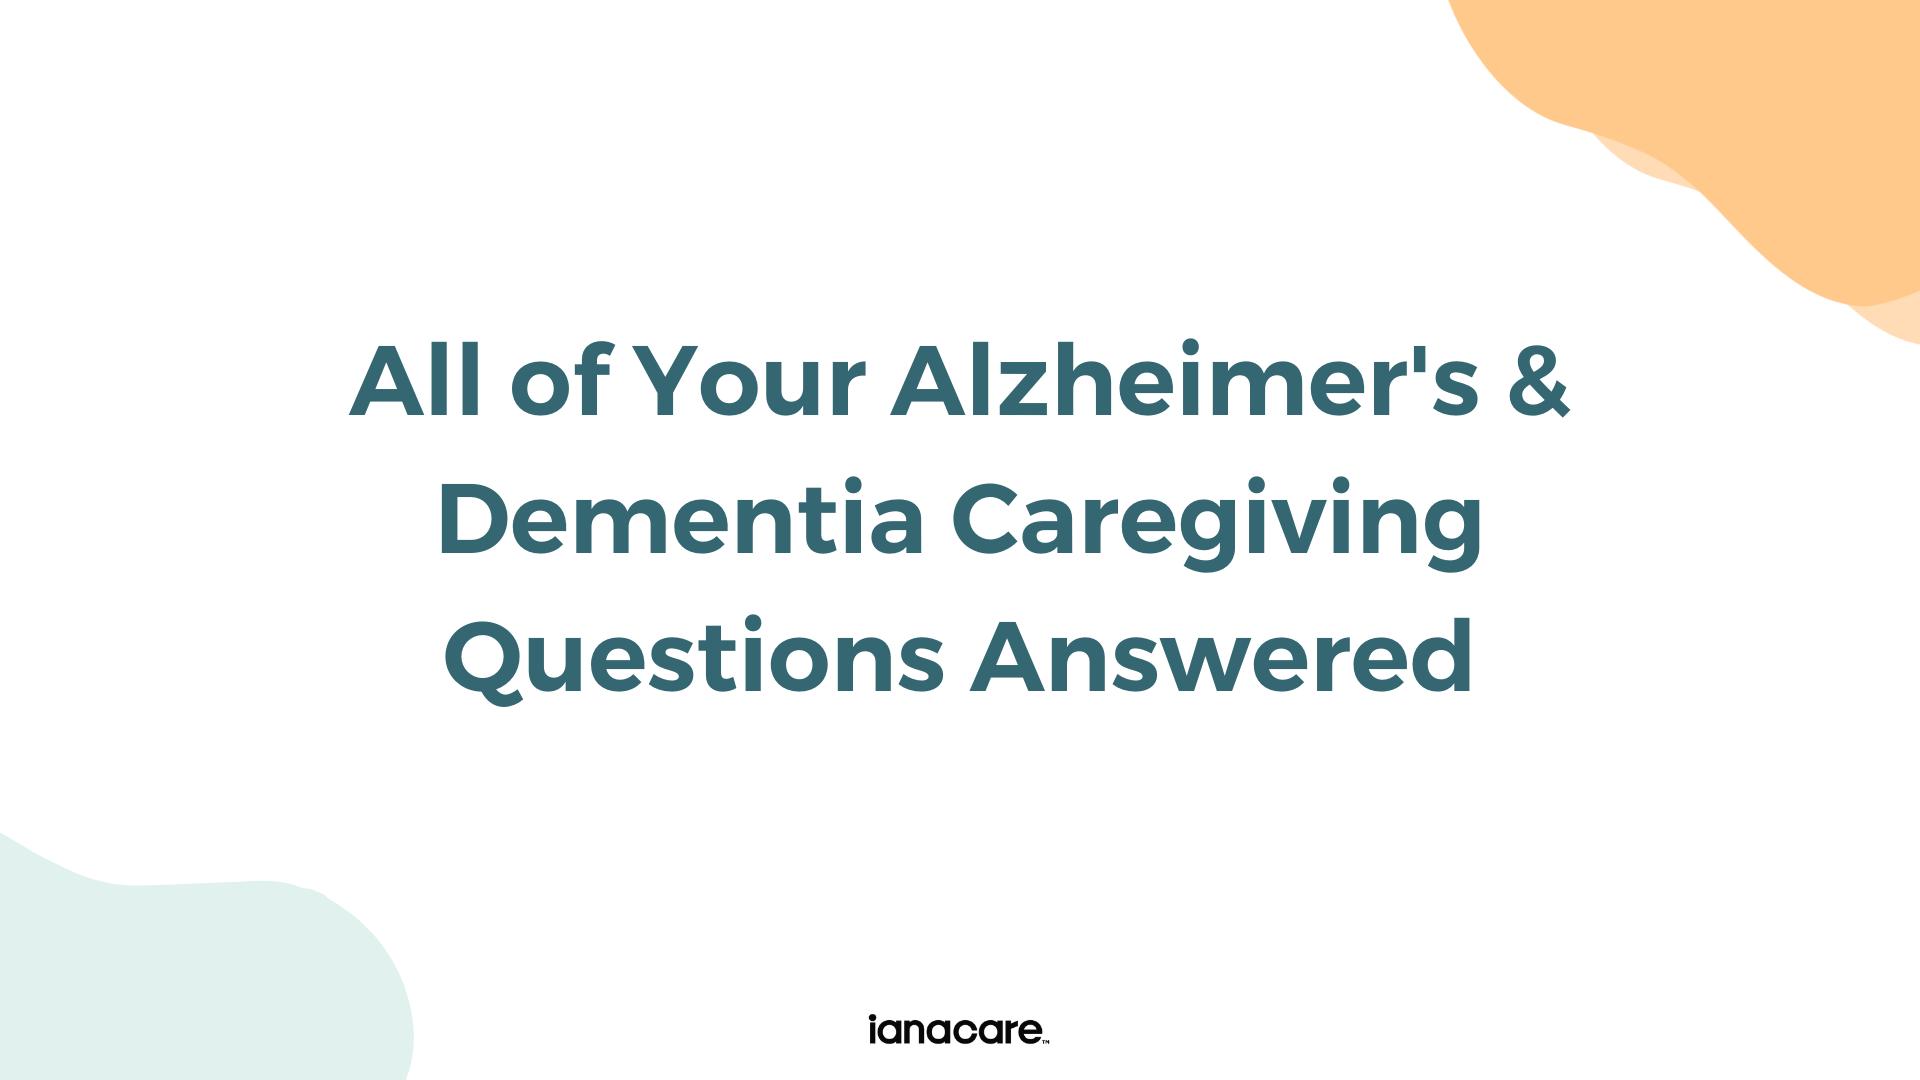 Watch: Alzhemier's & Dementia Caregiver